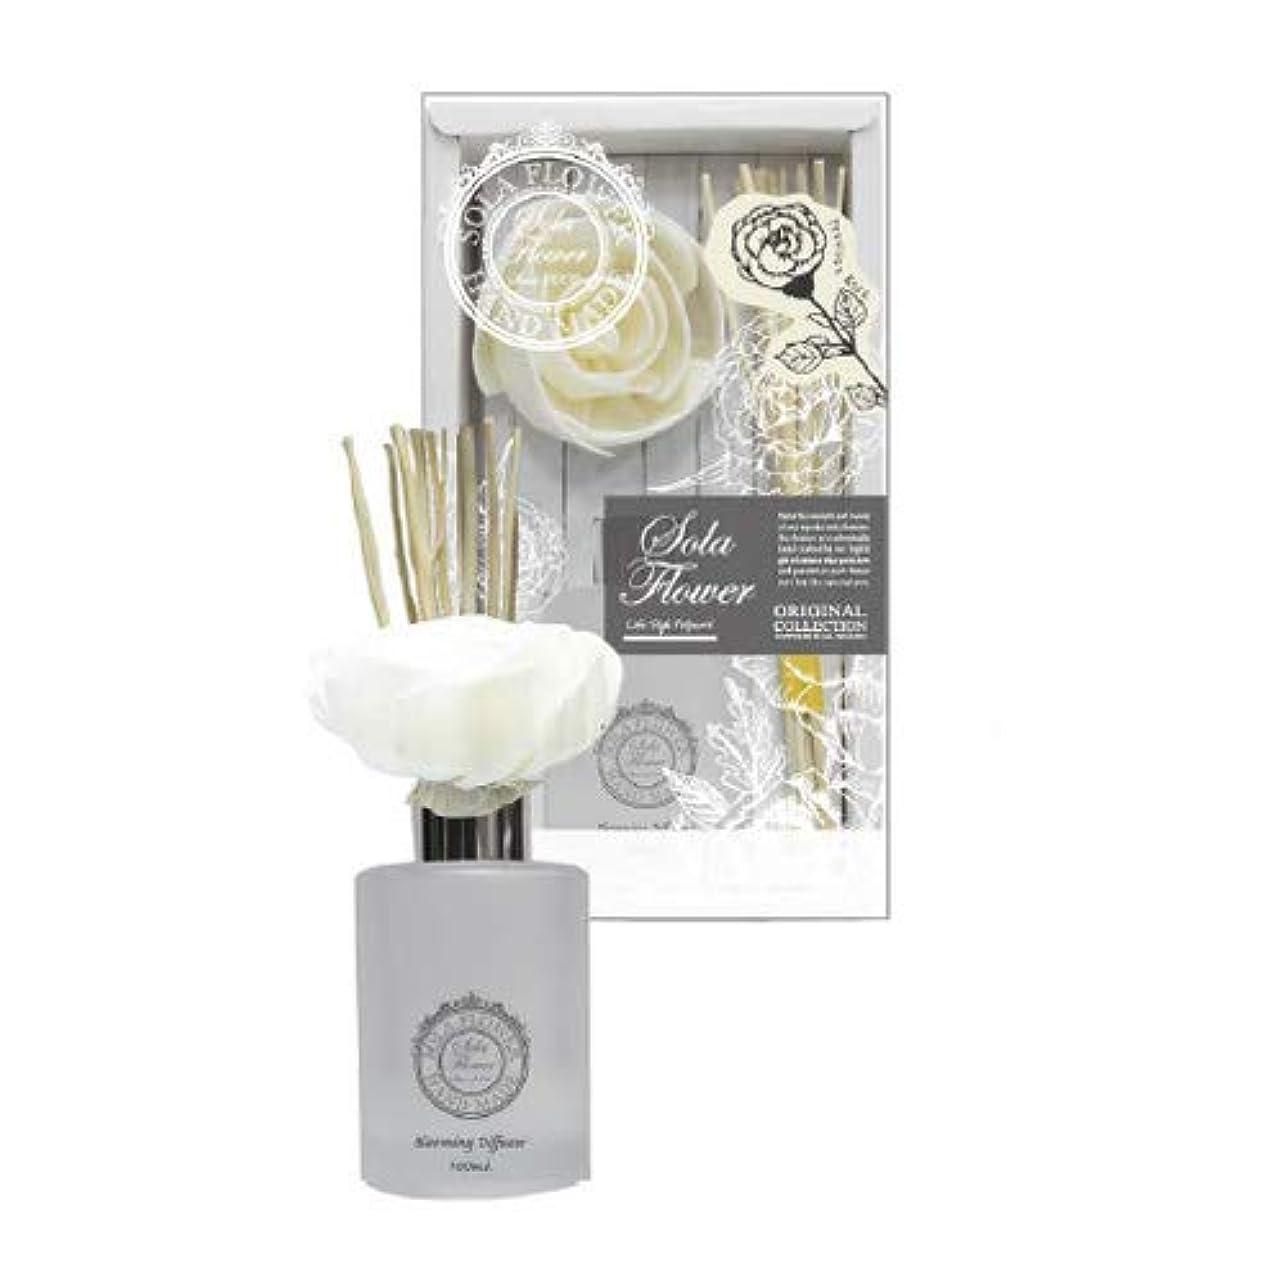 独立無限迷路三和トレーディング new Sola Flower Blooming Diffuser ソラディフューザー Precious Rose プレシャスローズ